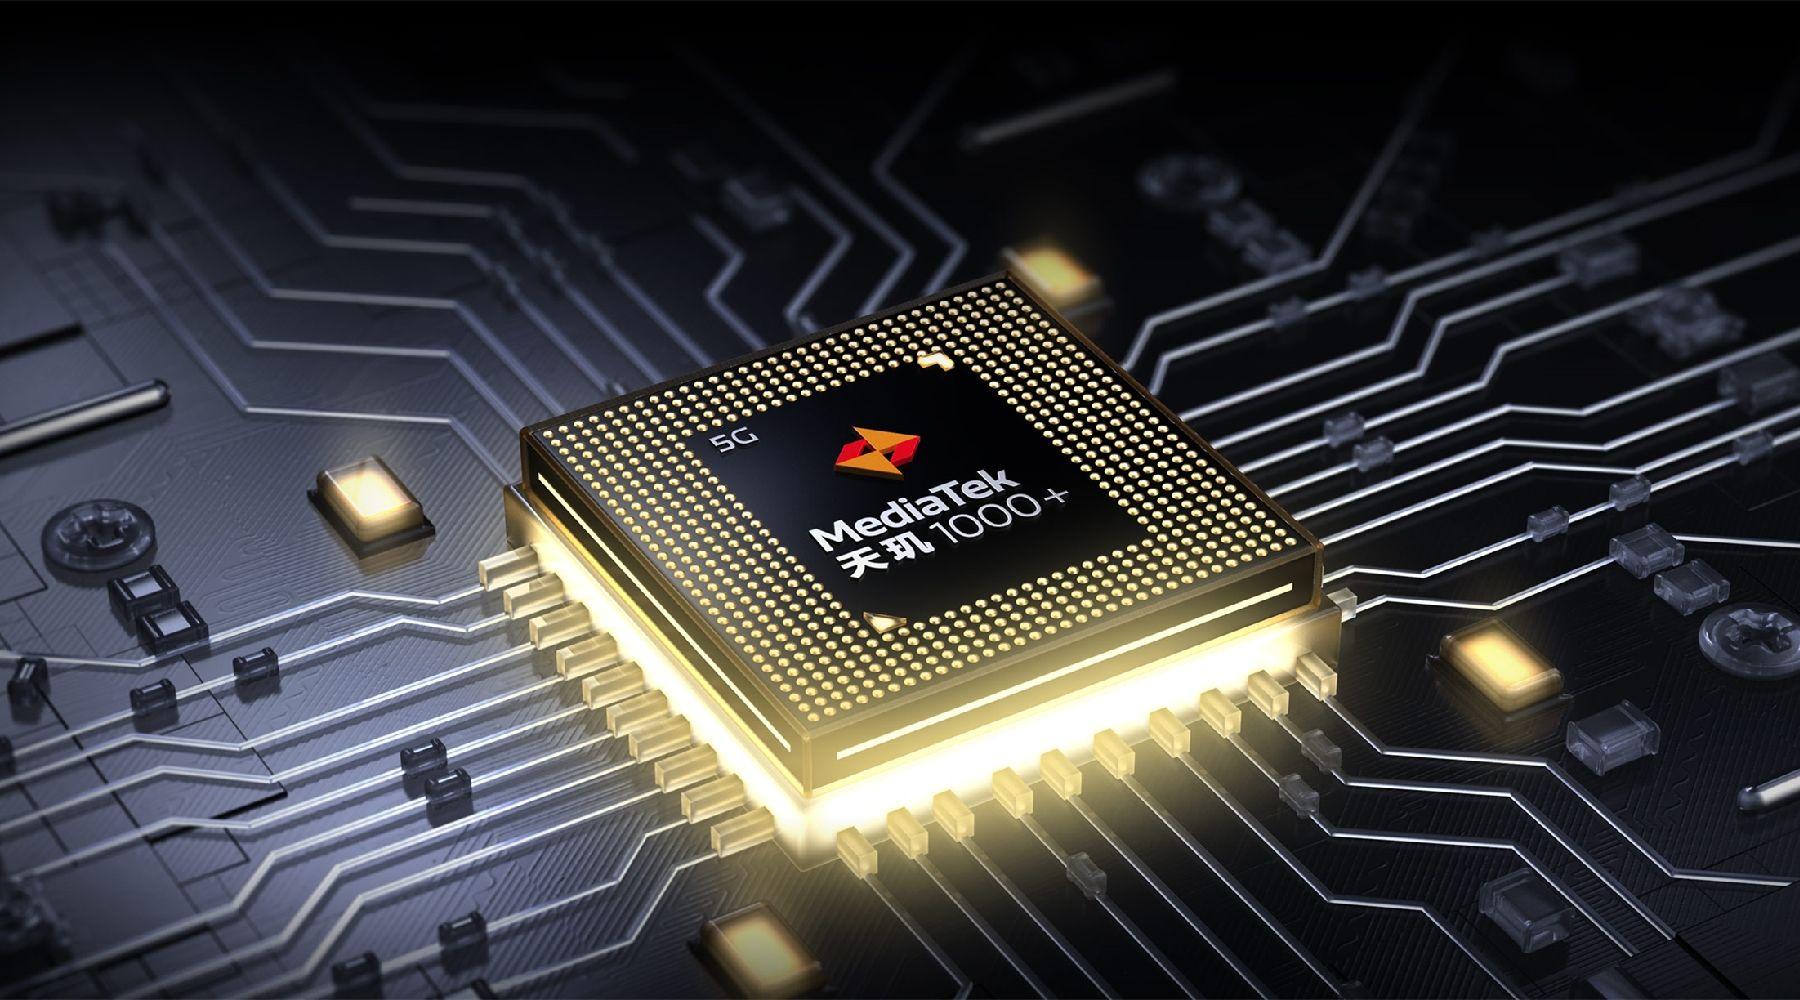 天玑1000+处理器怎么样?相当于骁龙多少?